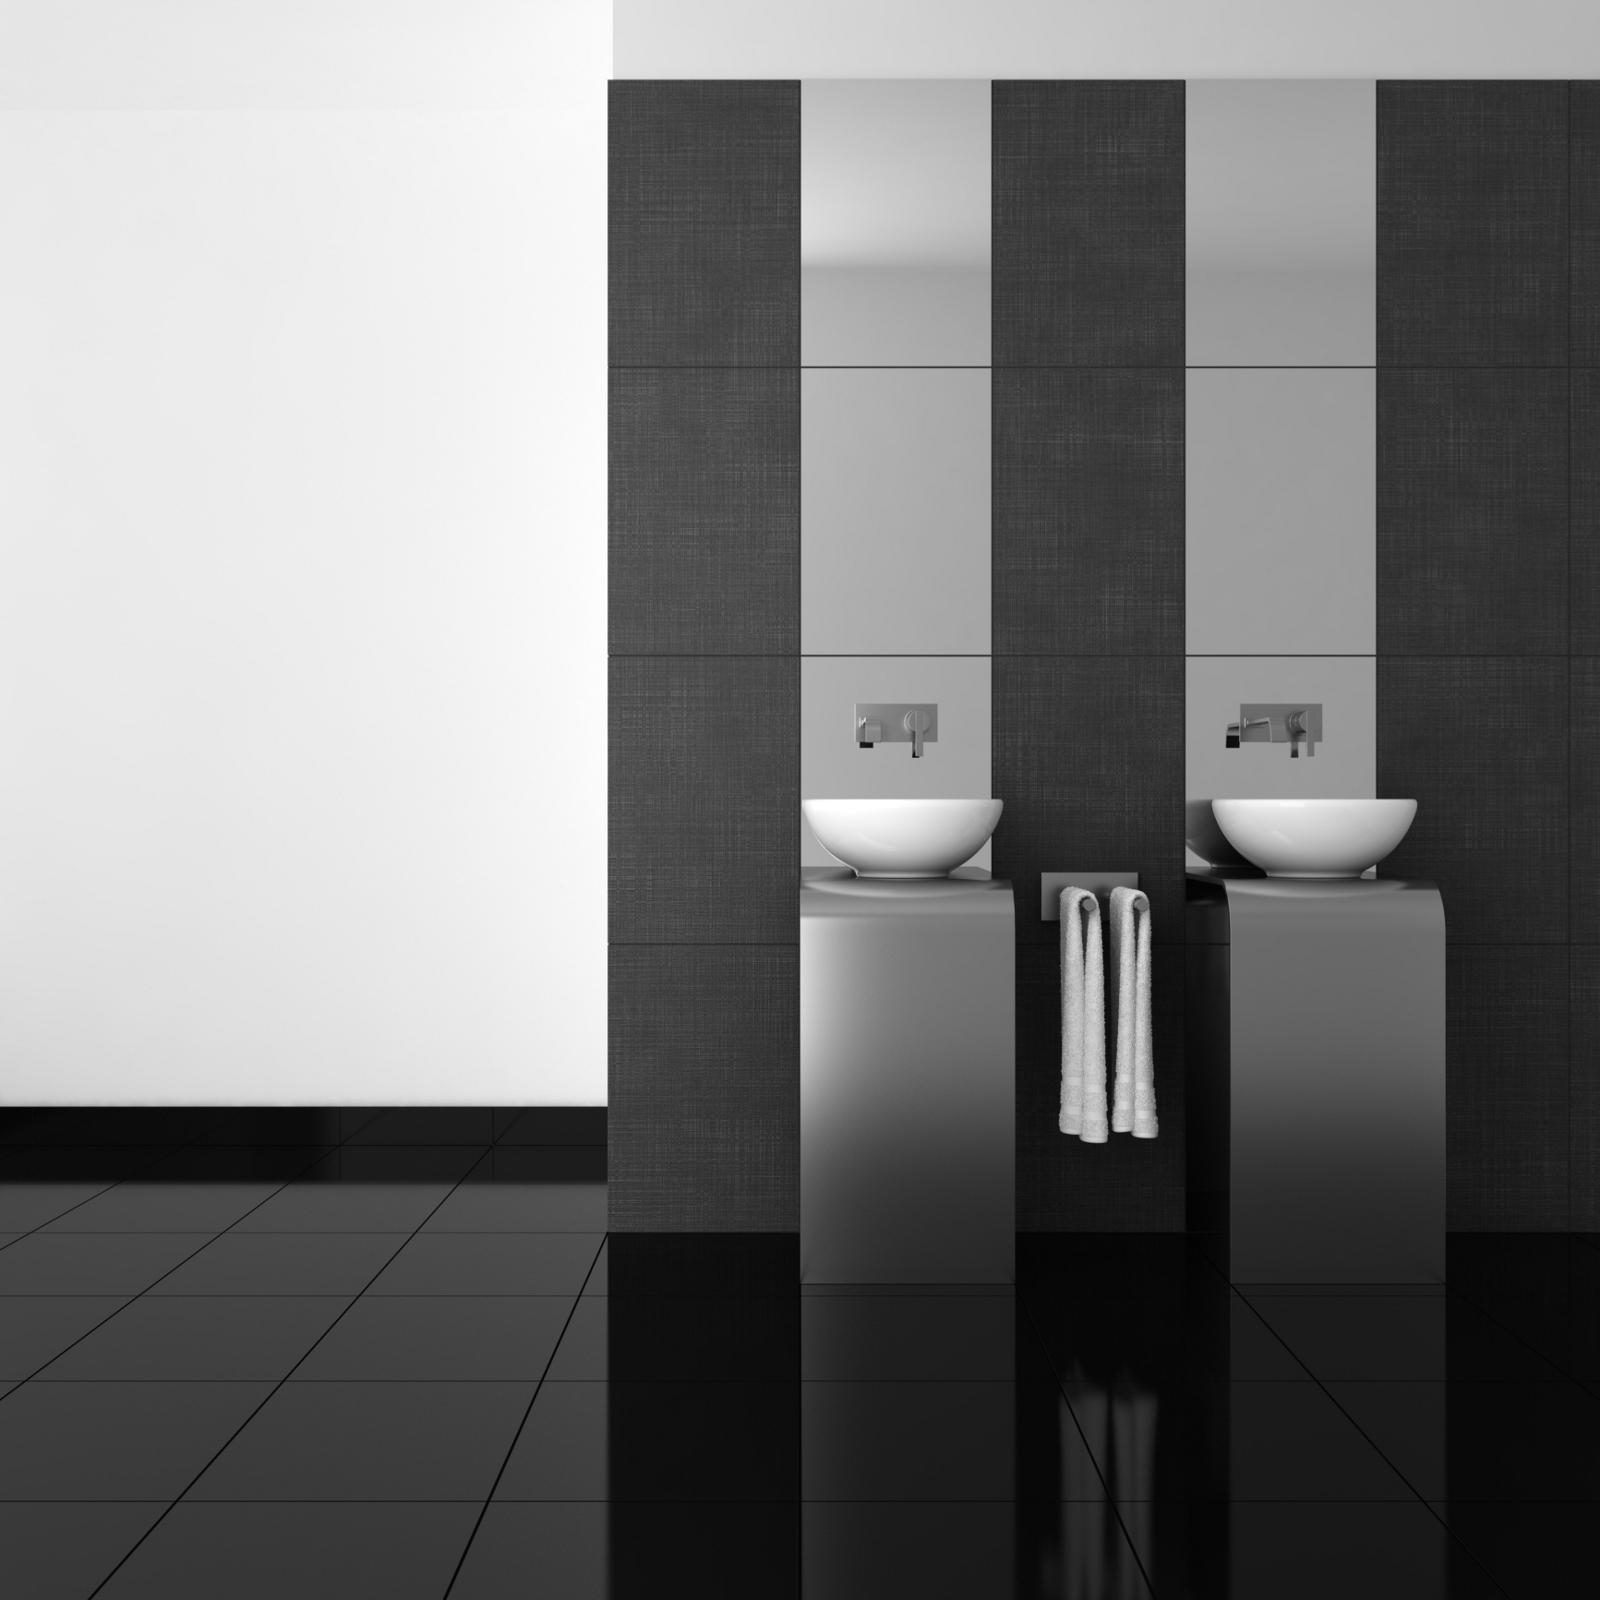 Diseno de banos modernos 2 for Diseno y decoracion de banos modernos